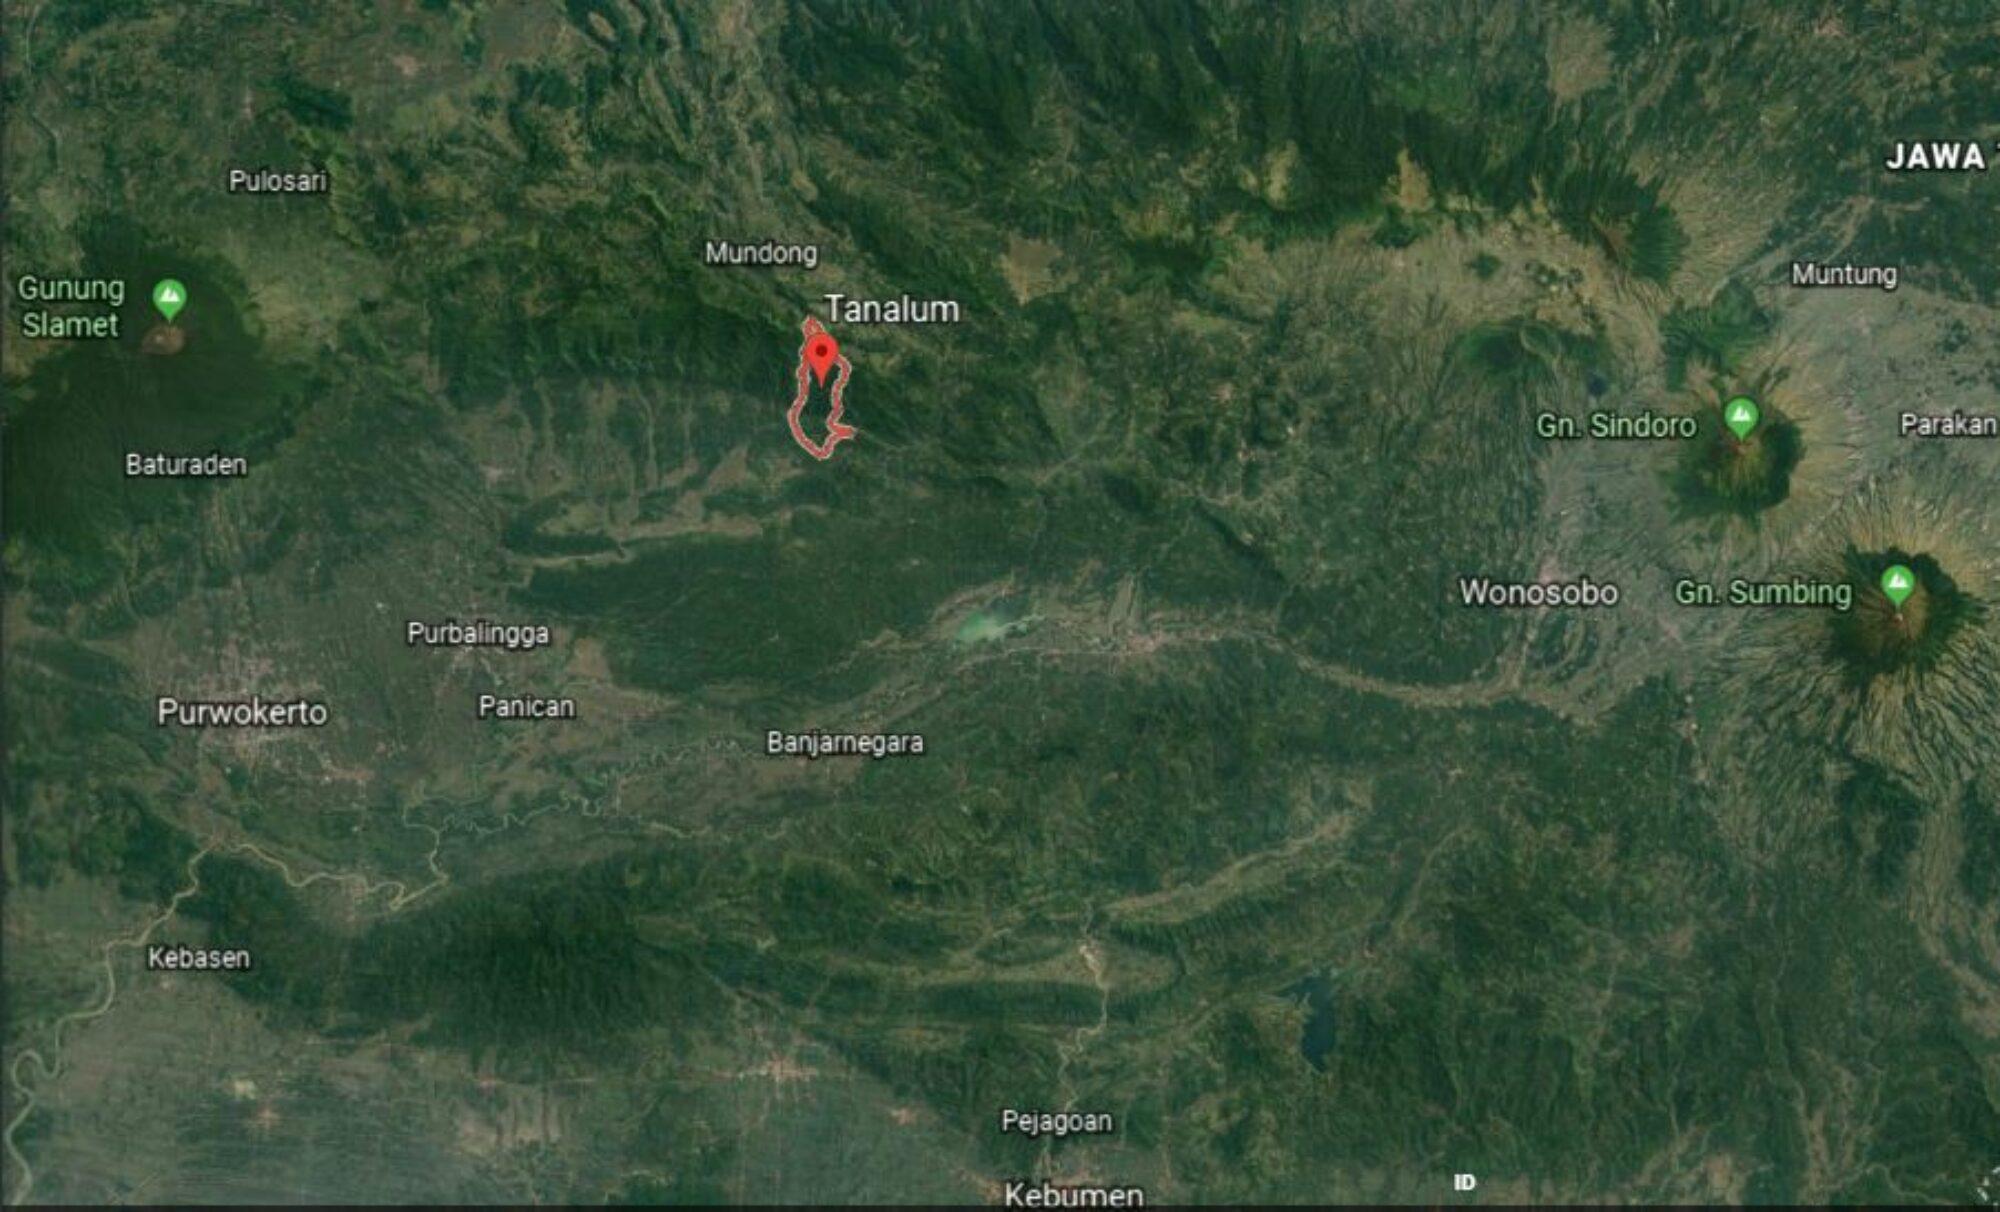 Desa Tanalum